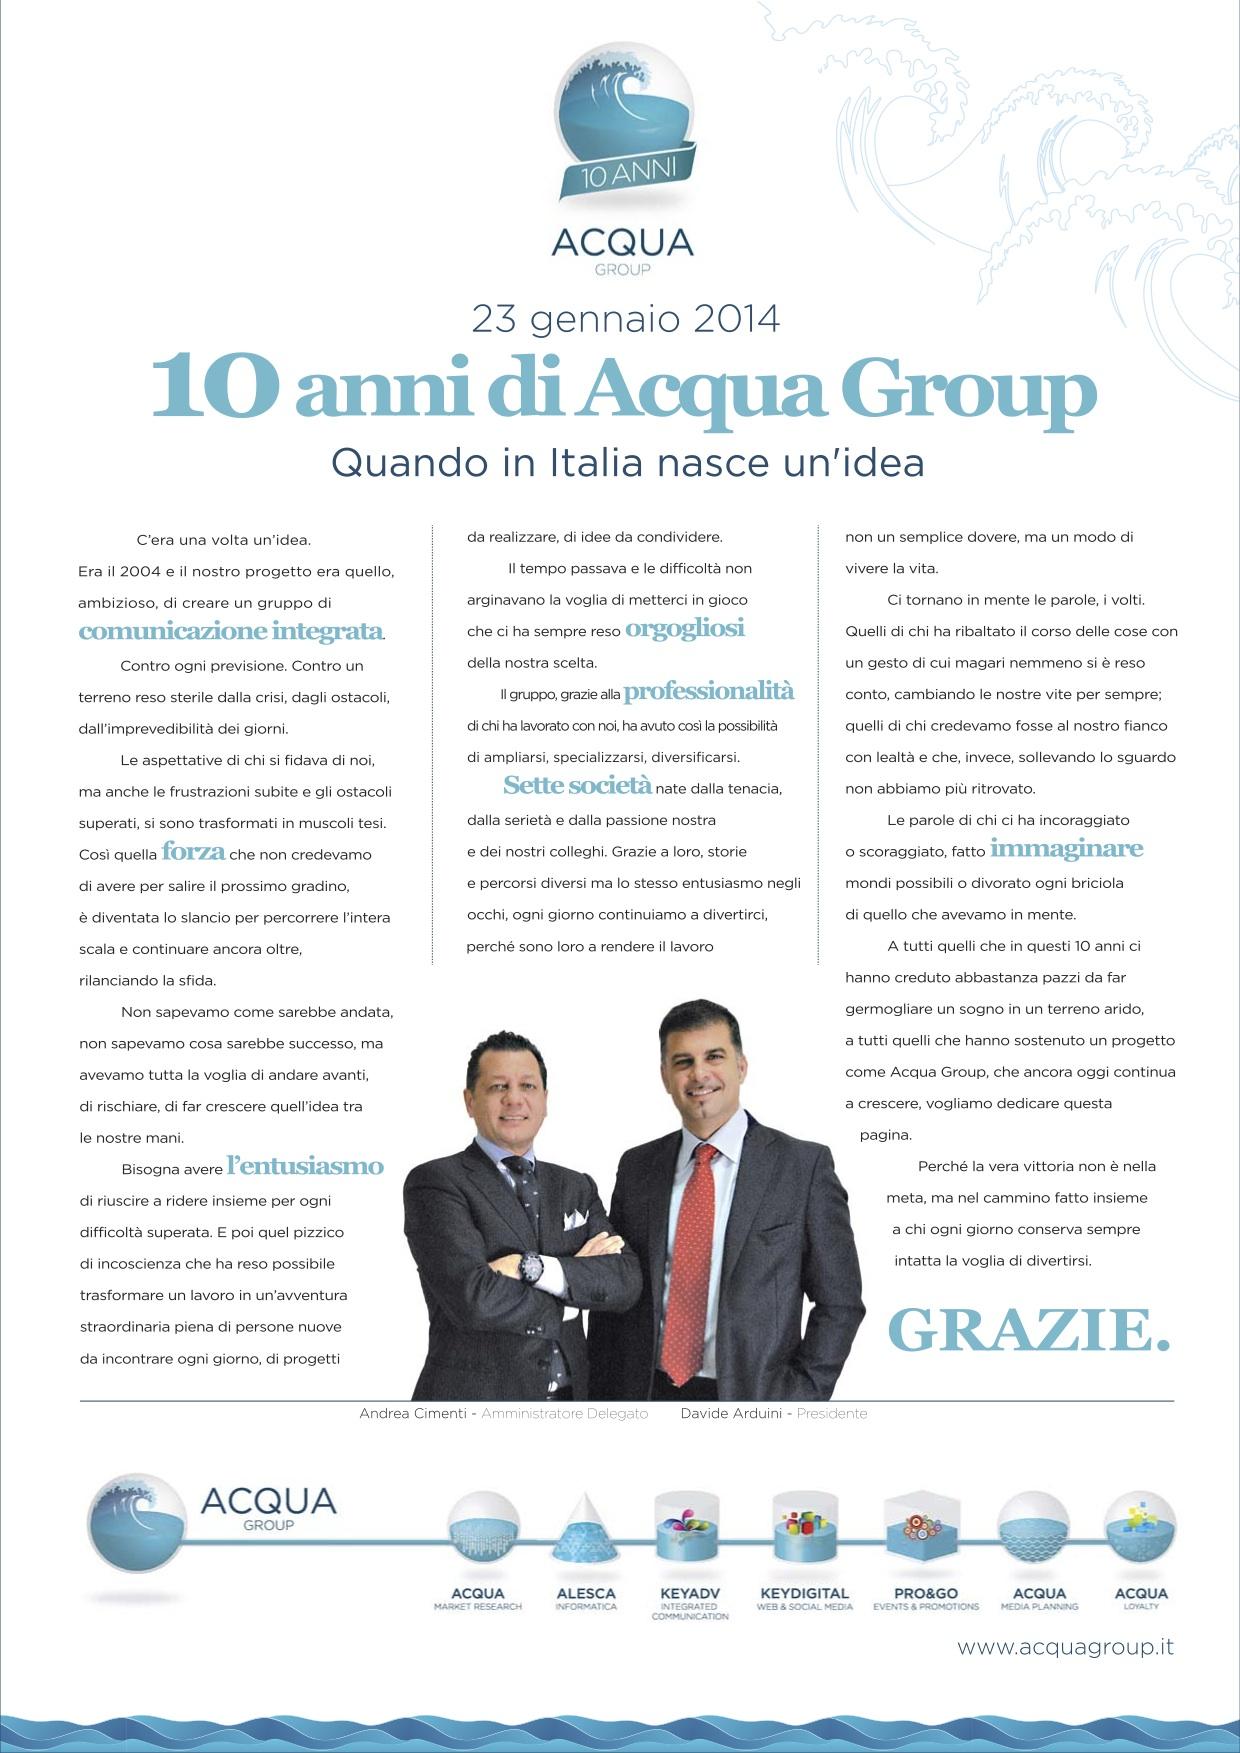 Acqua Group festeggia i suoi primi 10 anni